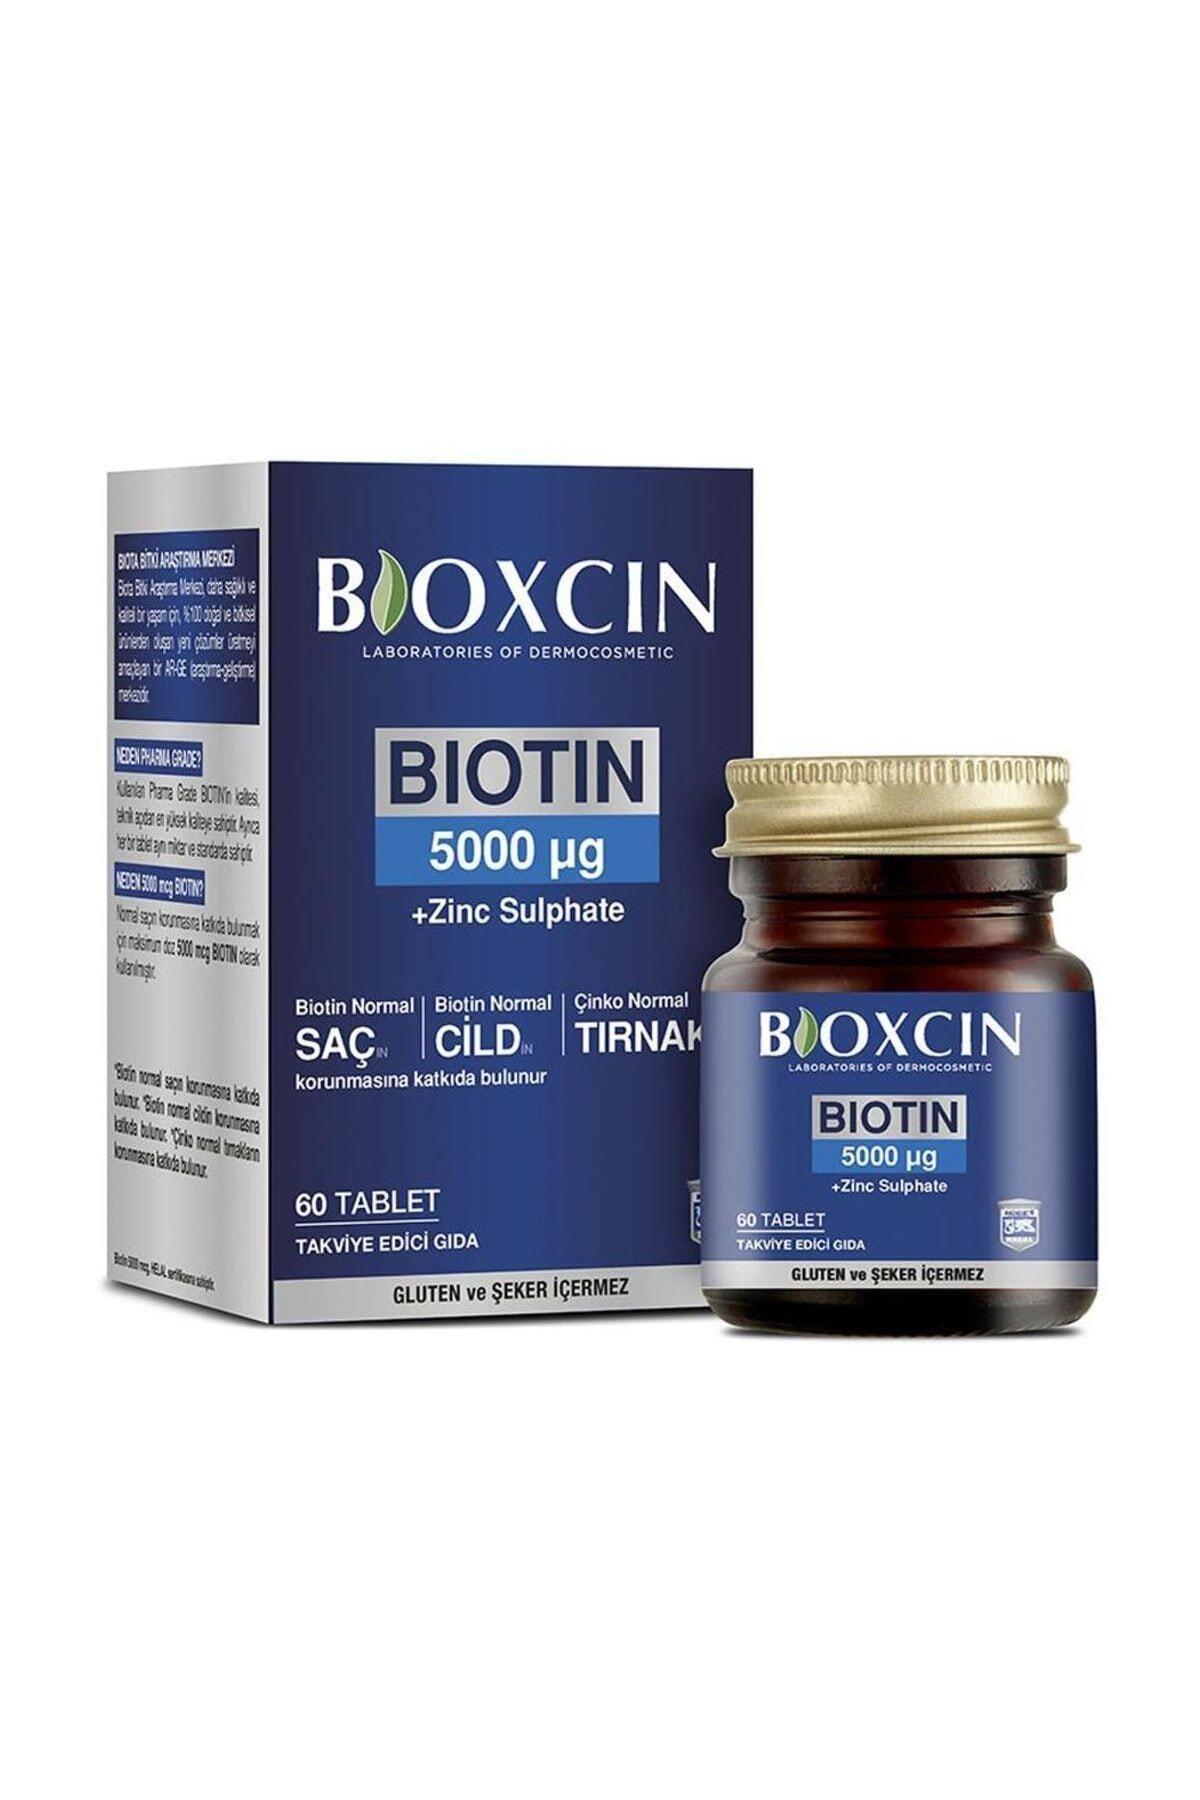 Bioxcin Biotin 5000 Mcg Takviye Edici Gıda 60 Tablet 1